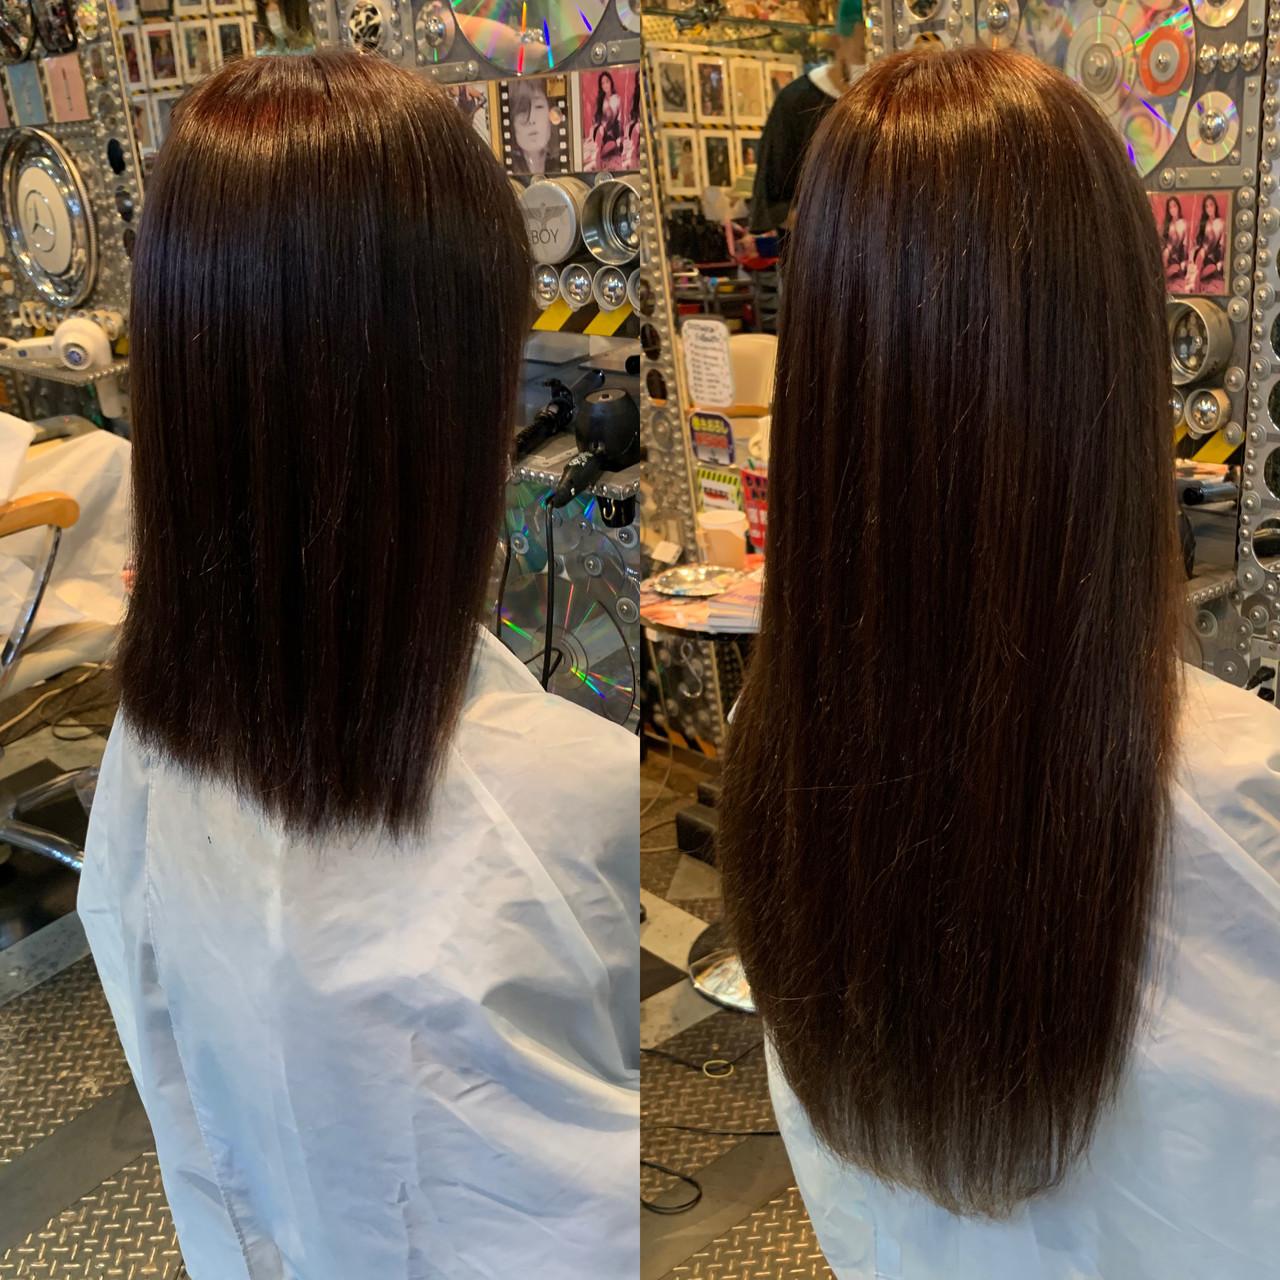 ロングヘア 編み込み ロング ロブ ヘアスタイルや髪型の写真・画像